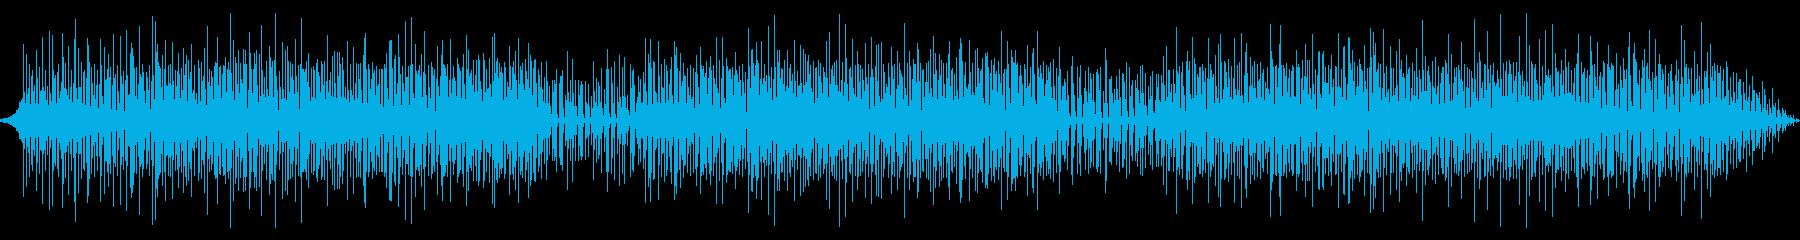 淡々としたテクノの再生済みの波形